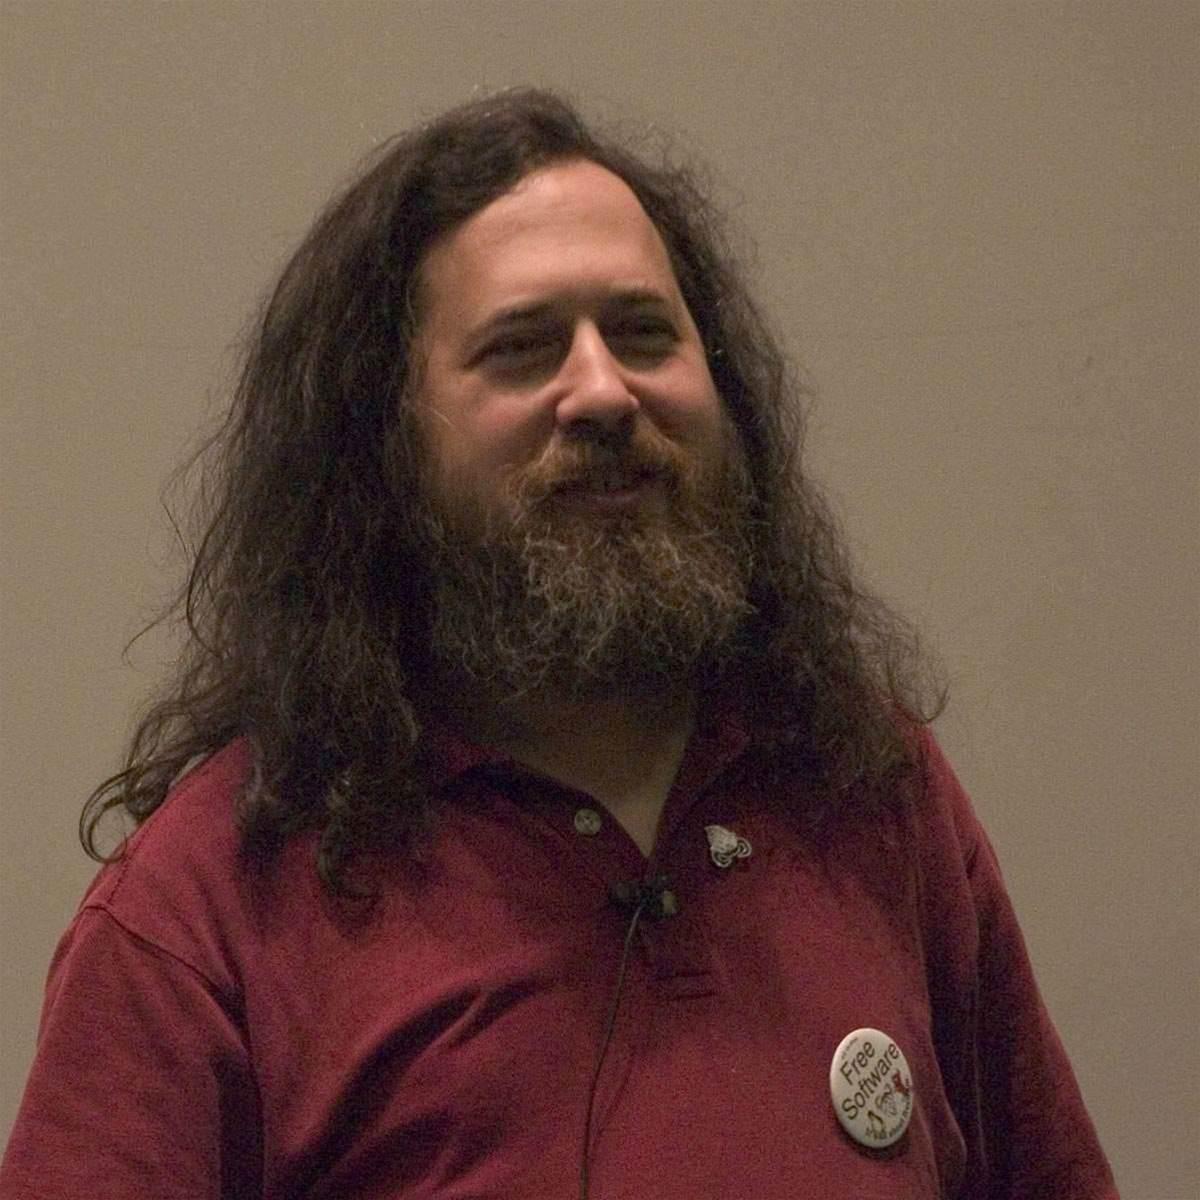 Stallman blasted over Jobs eulogy